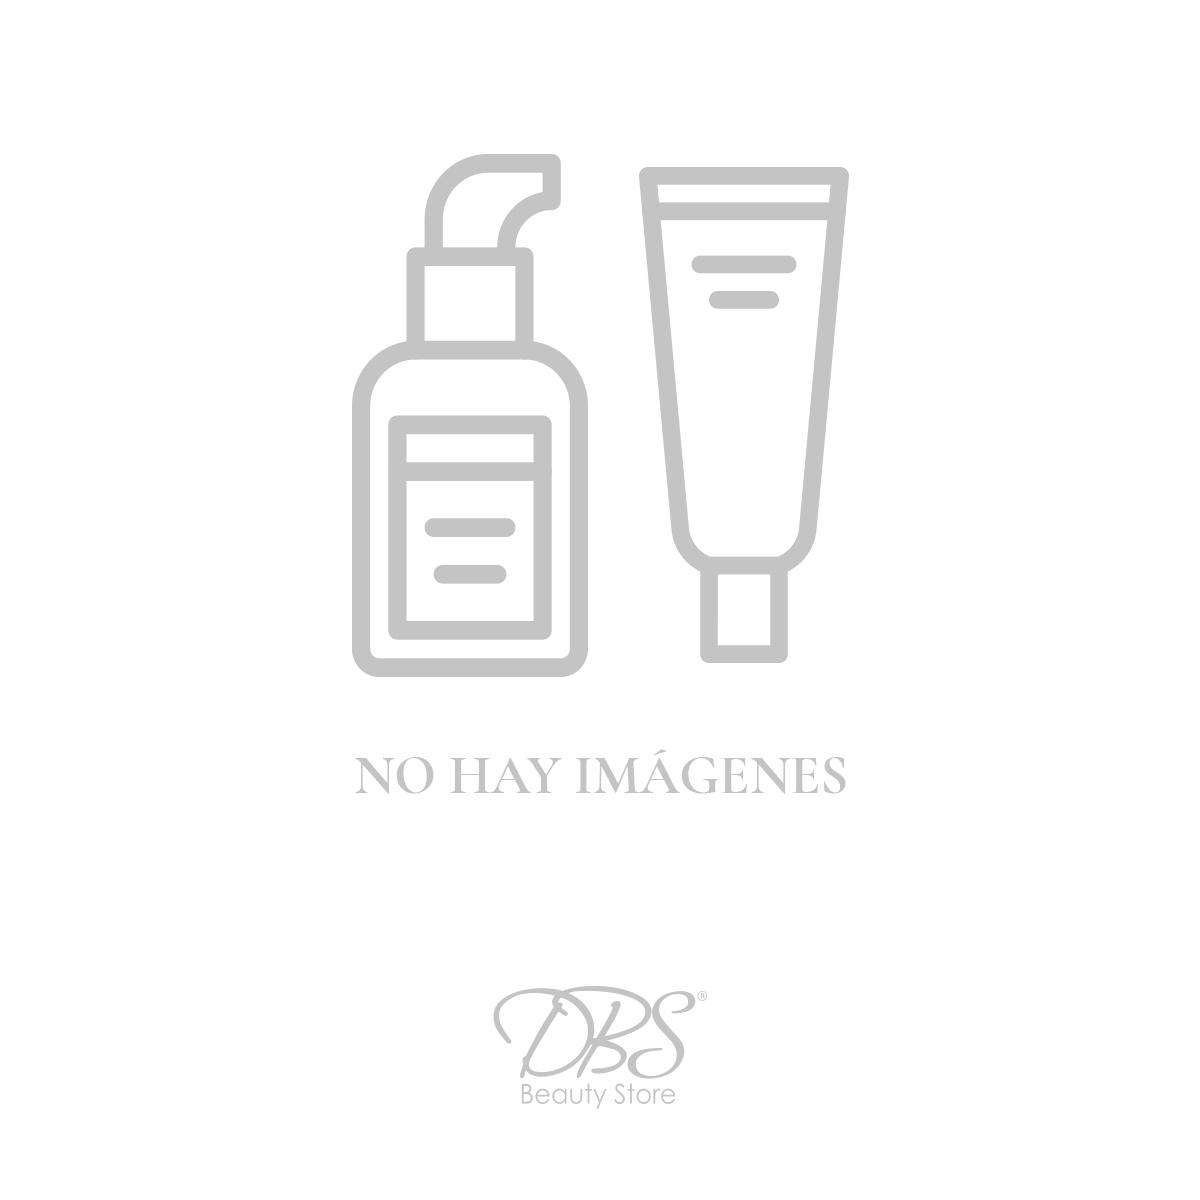 bath-and-body-works-BW-36113.jpg